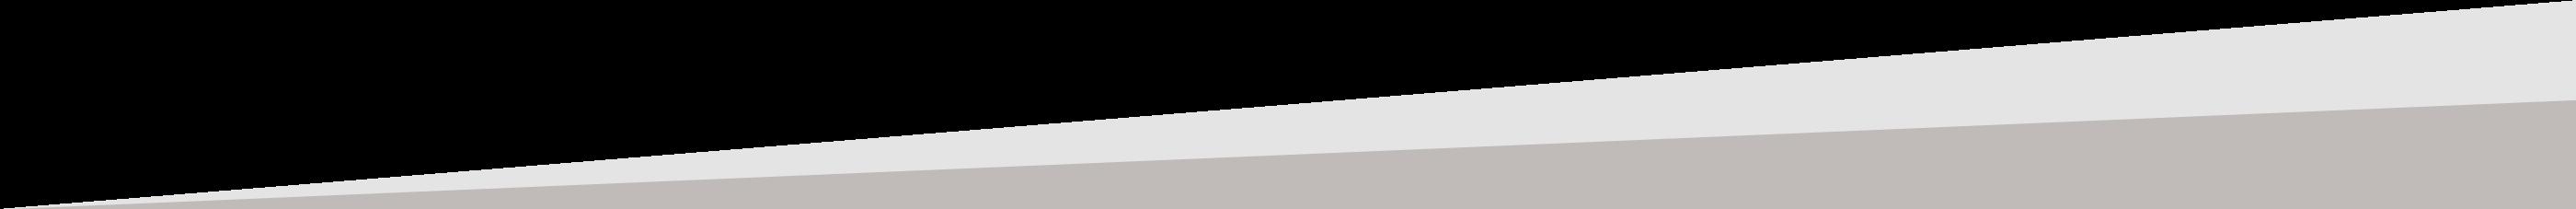 fondo-trasparente2